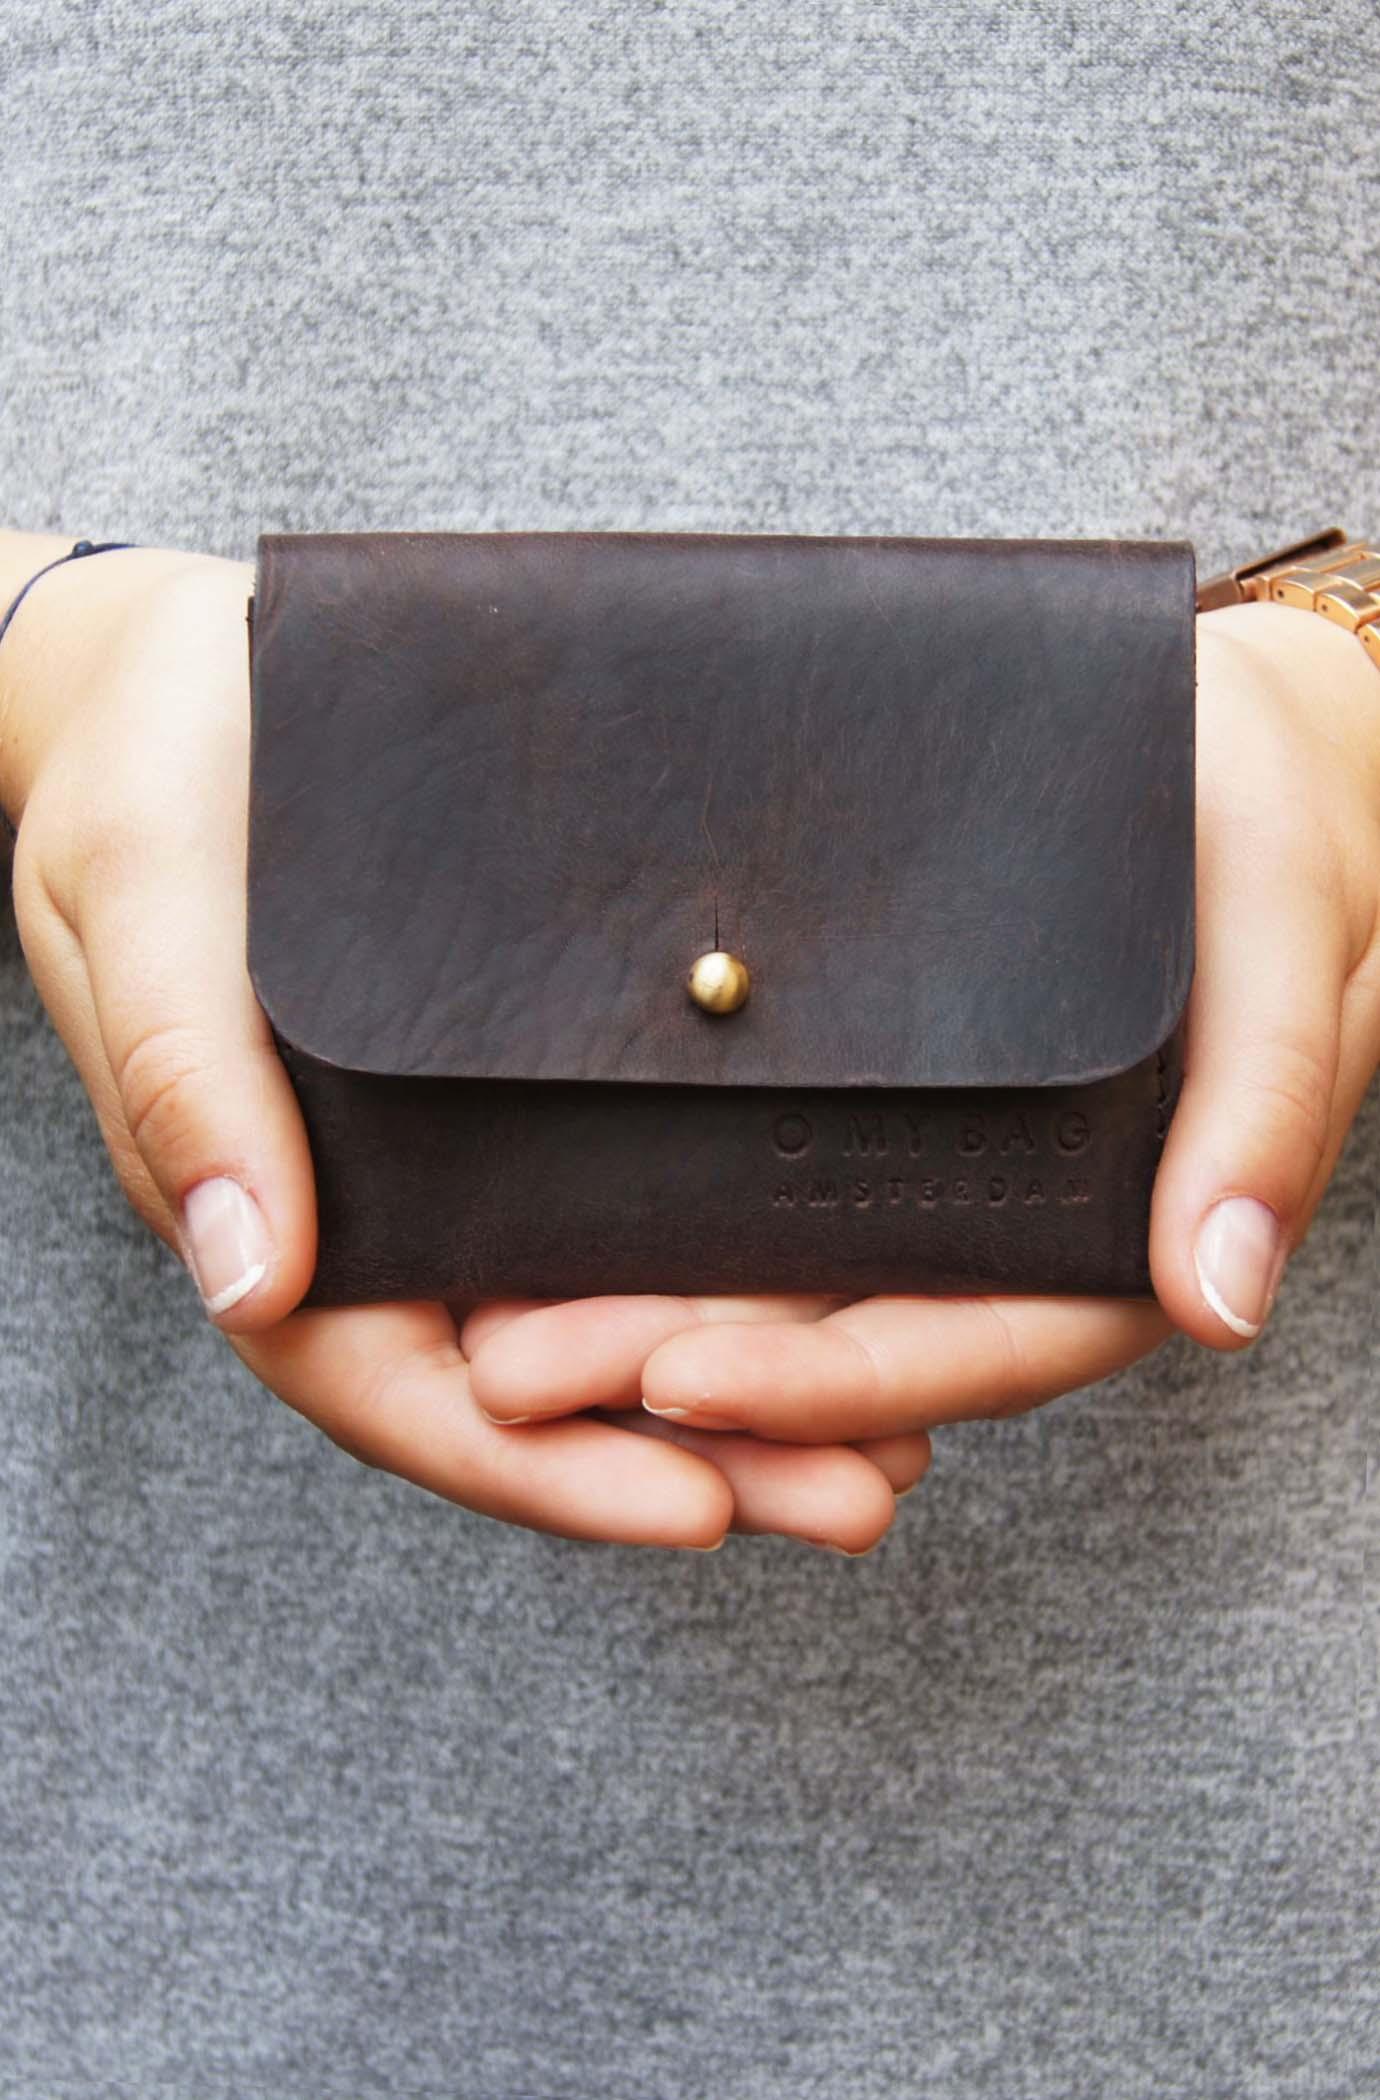 Korthållare Dark Brown i handen